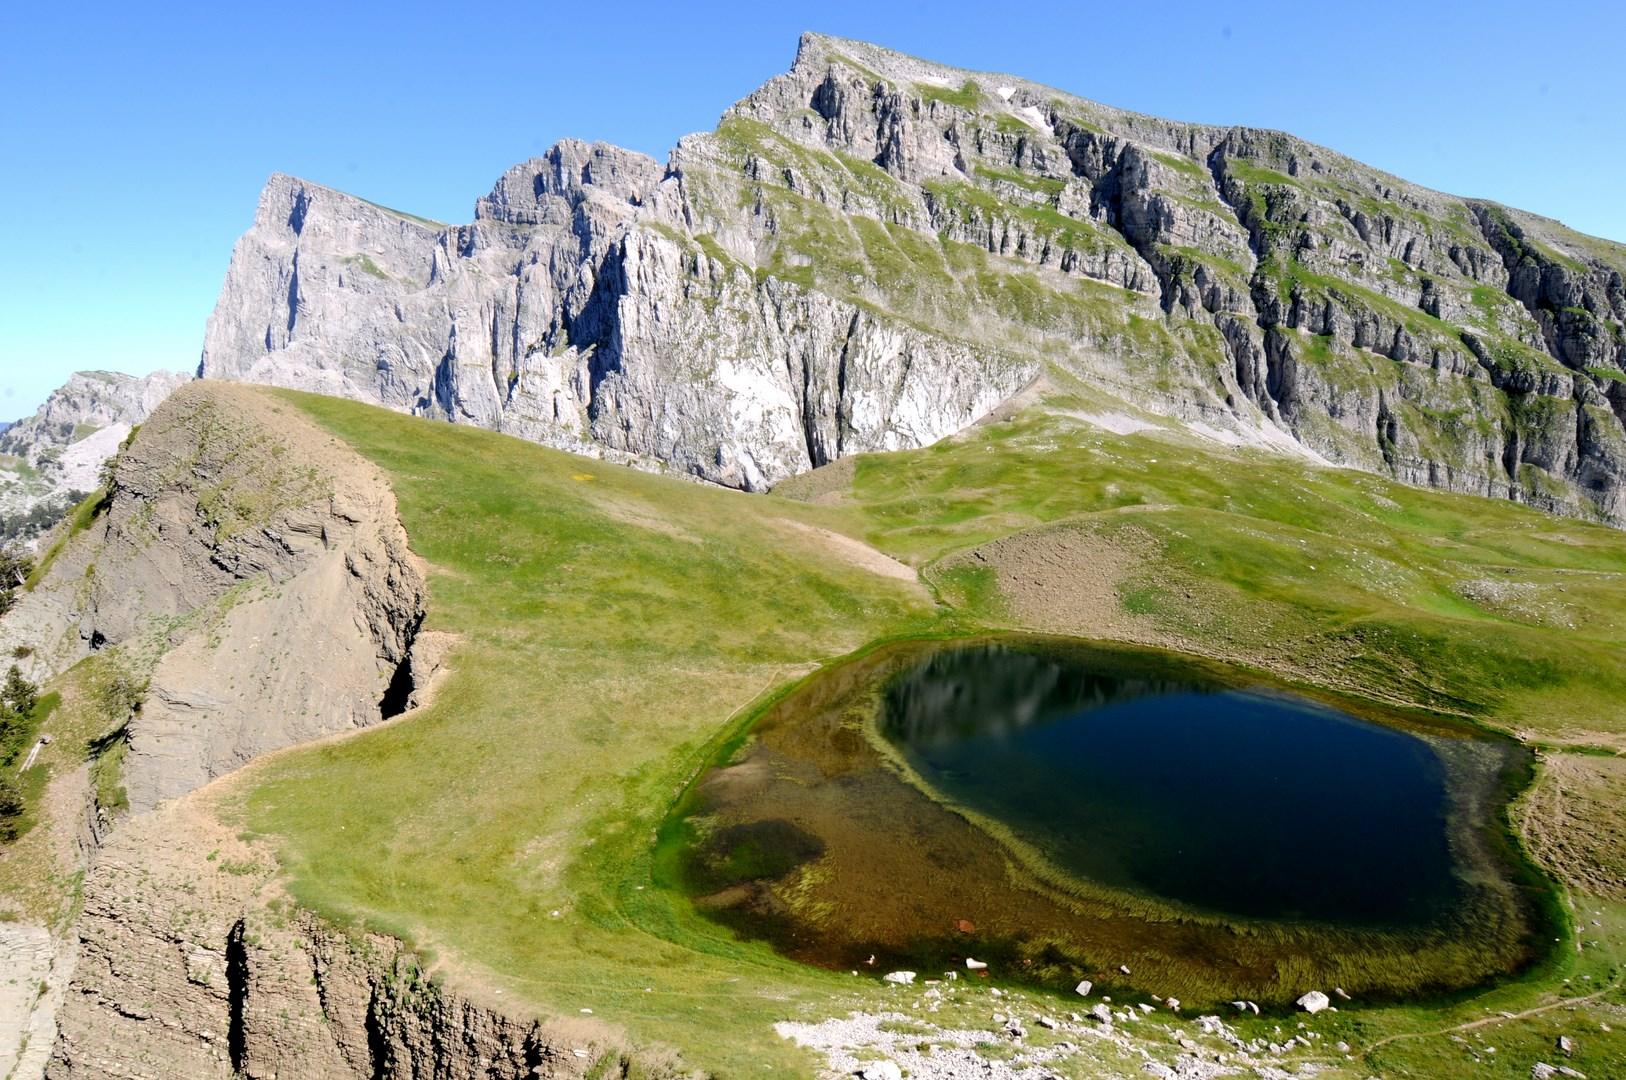 η Δρακόλιμνη Τύμφης και η κορυφή Γκαμήλα (2497μ) - ΧΑΡΗΤΑΚΗΣ ΠΑΠΑΙΩΑΝΝΟΥ/ HARITAKIS PAPAIOANNOU